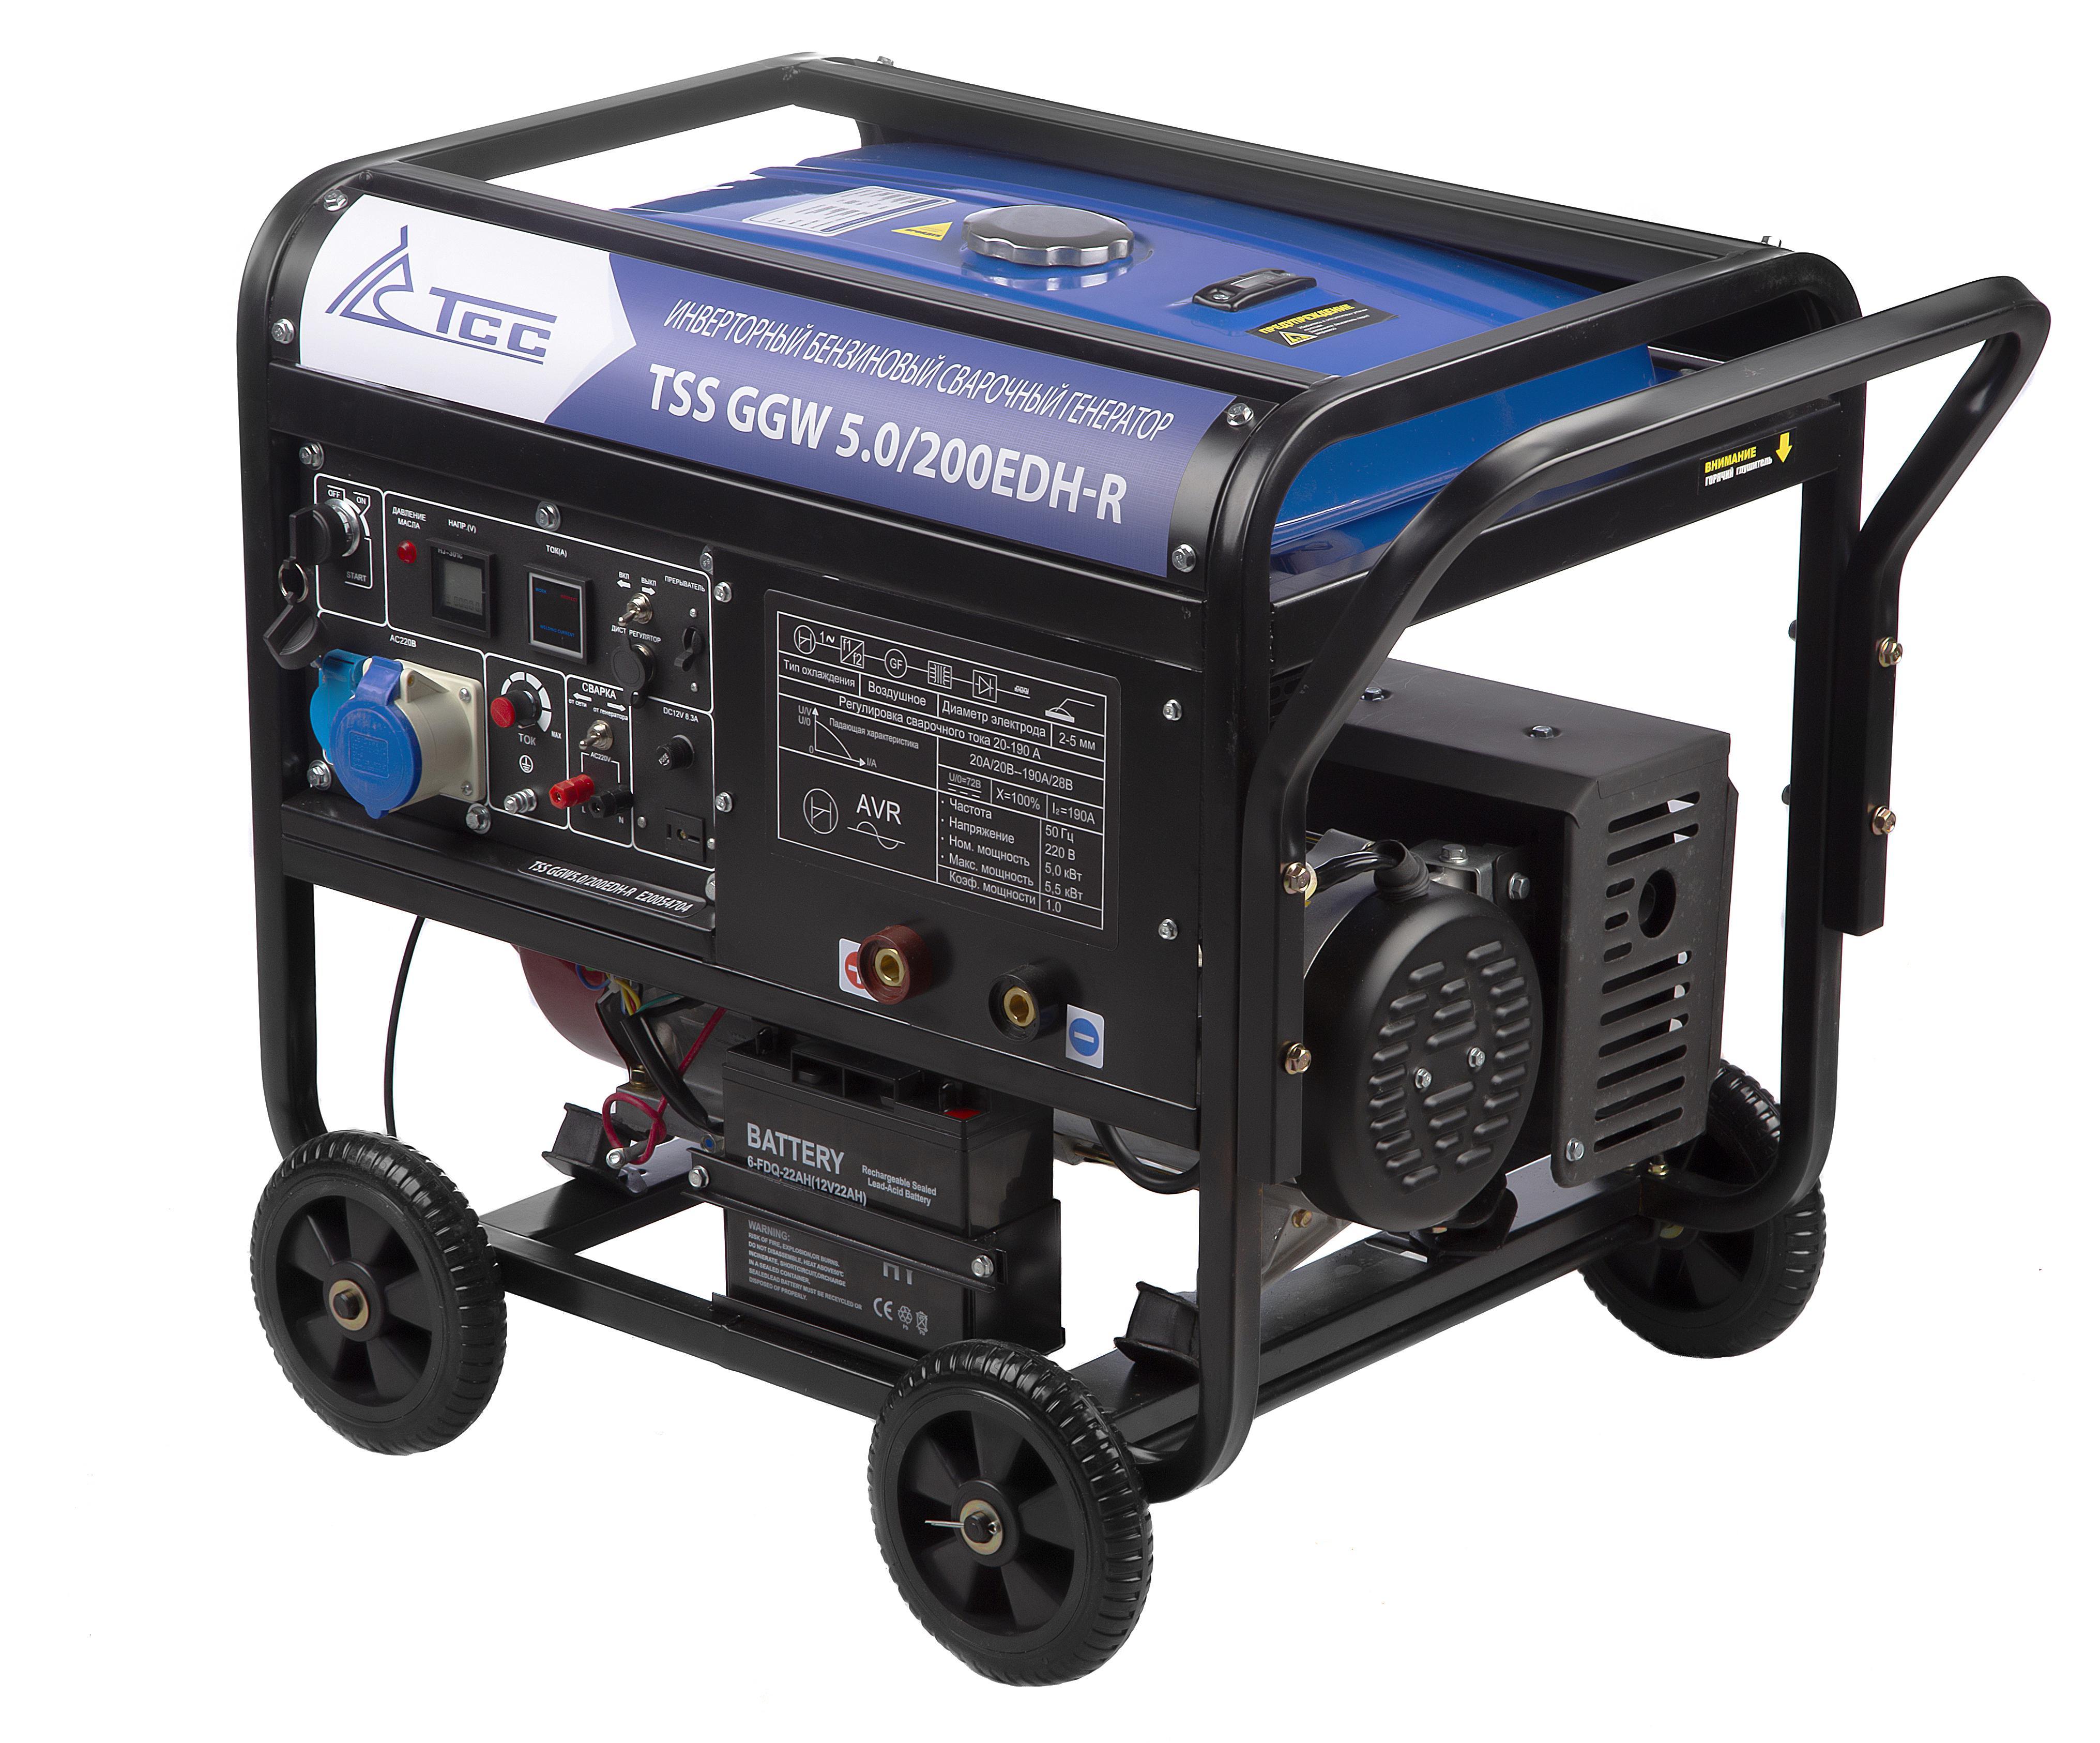 Сварочный бензиновый генератор ТСС Ggw 5.0/200edh-r